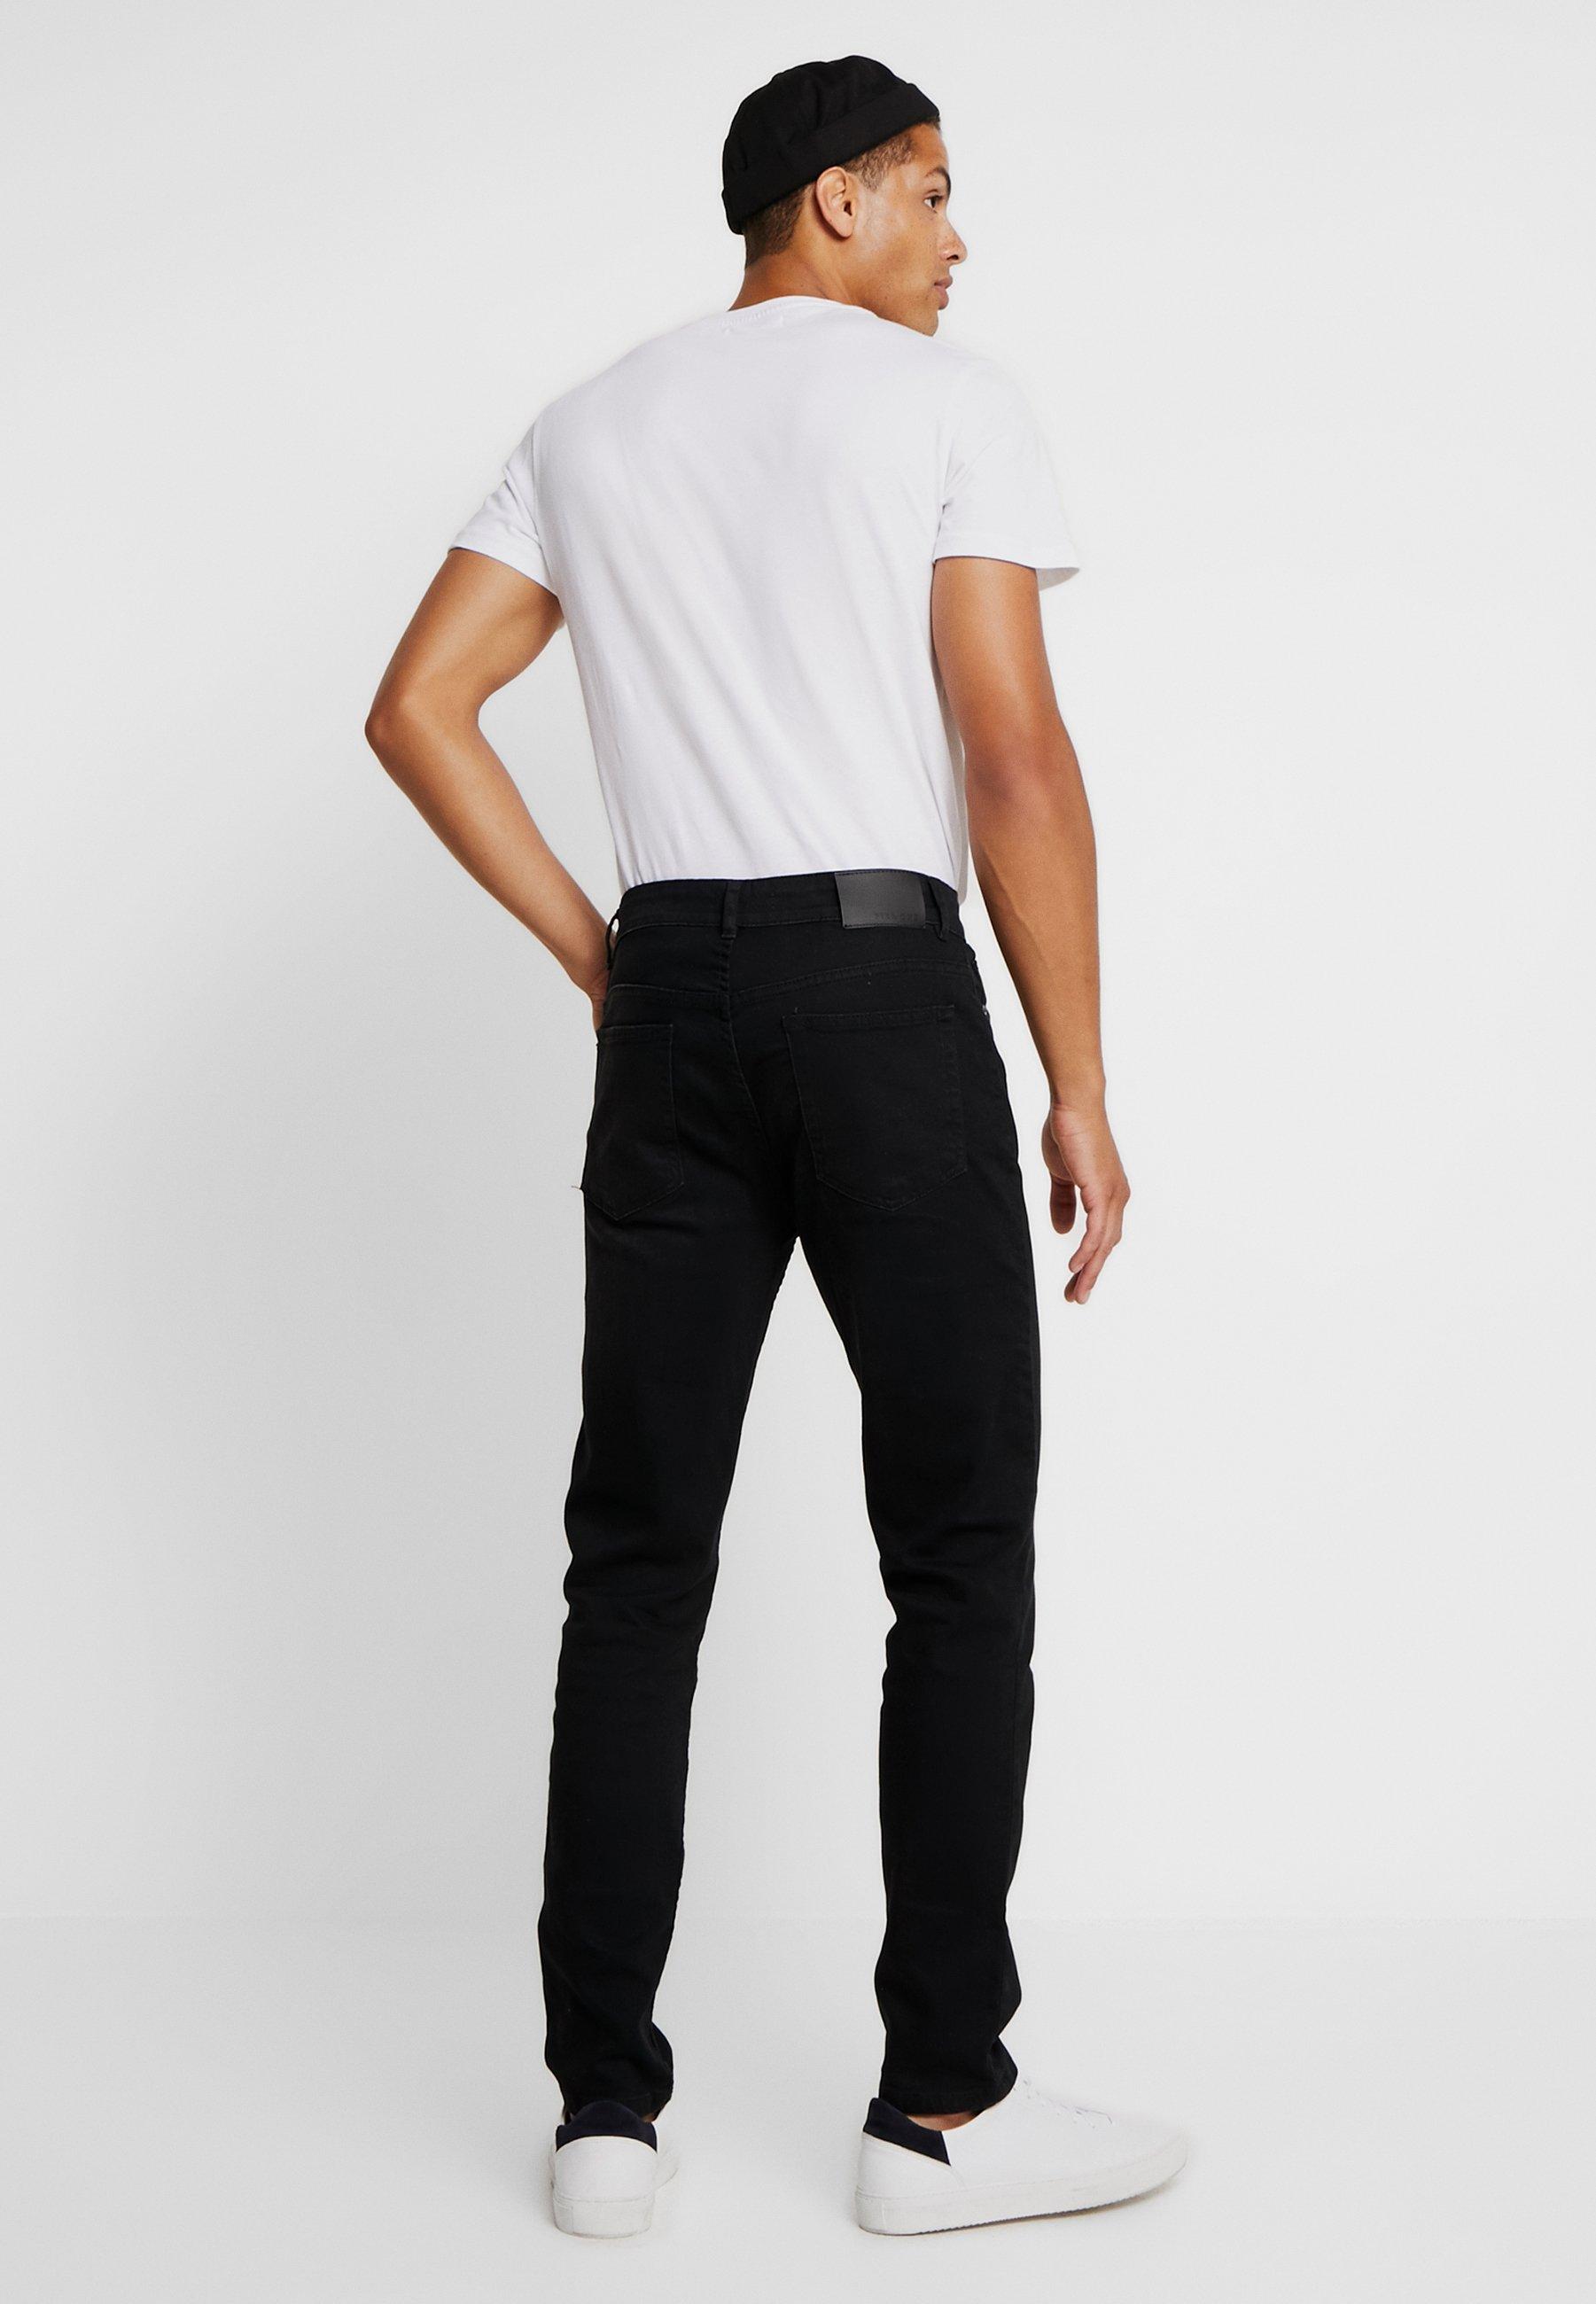 Liability Pier One Black Denim Slim StyleJean dWreQCoxB